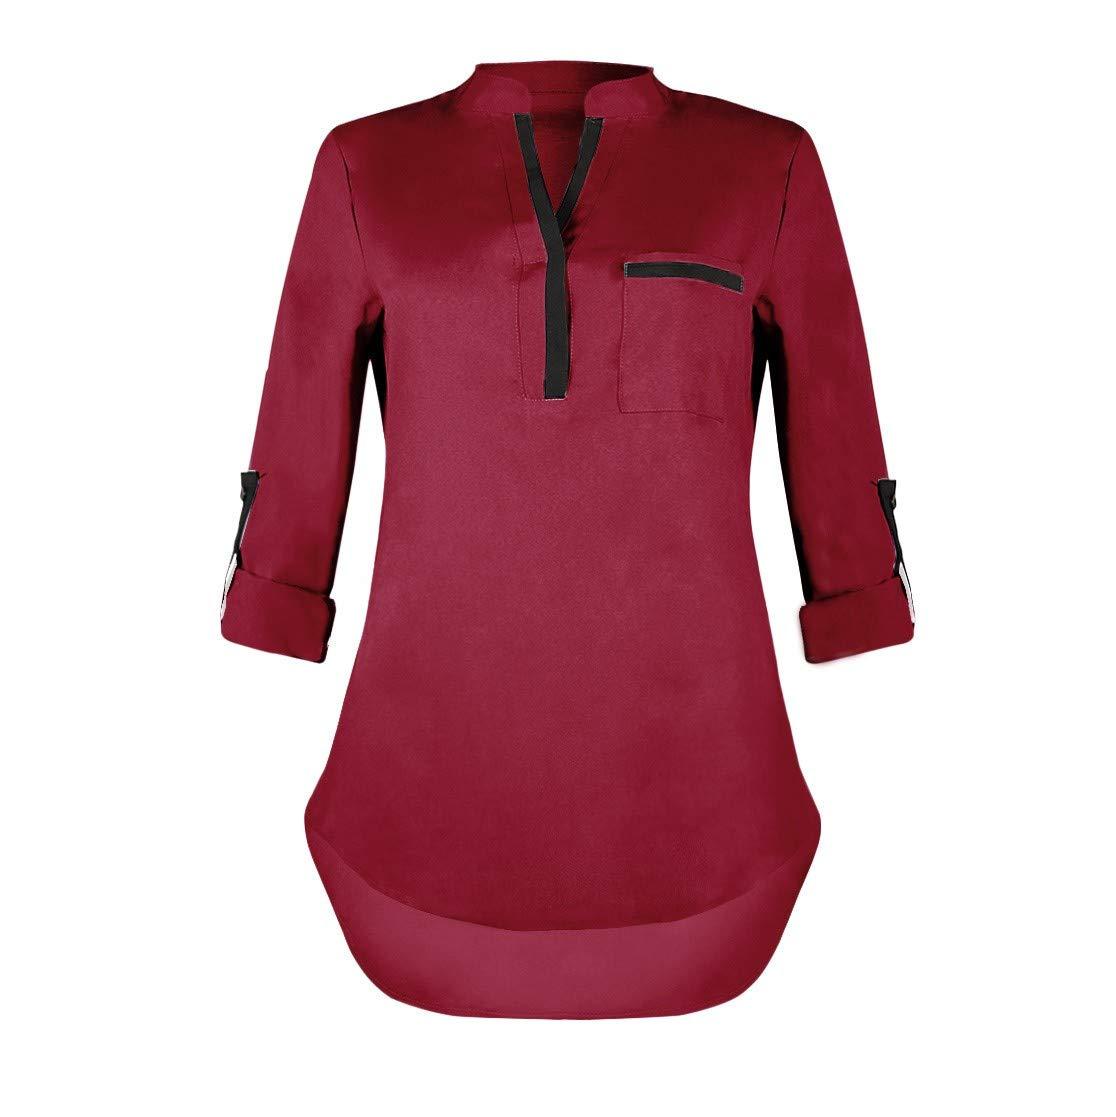 ZIYOU Elegant V-Ausschnitt Blusen Damen, Herbst Langarm Tuniken Oberteile Tops mit Tasche Frauen Freizeit Locker Shirt Bluse